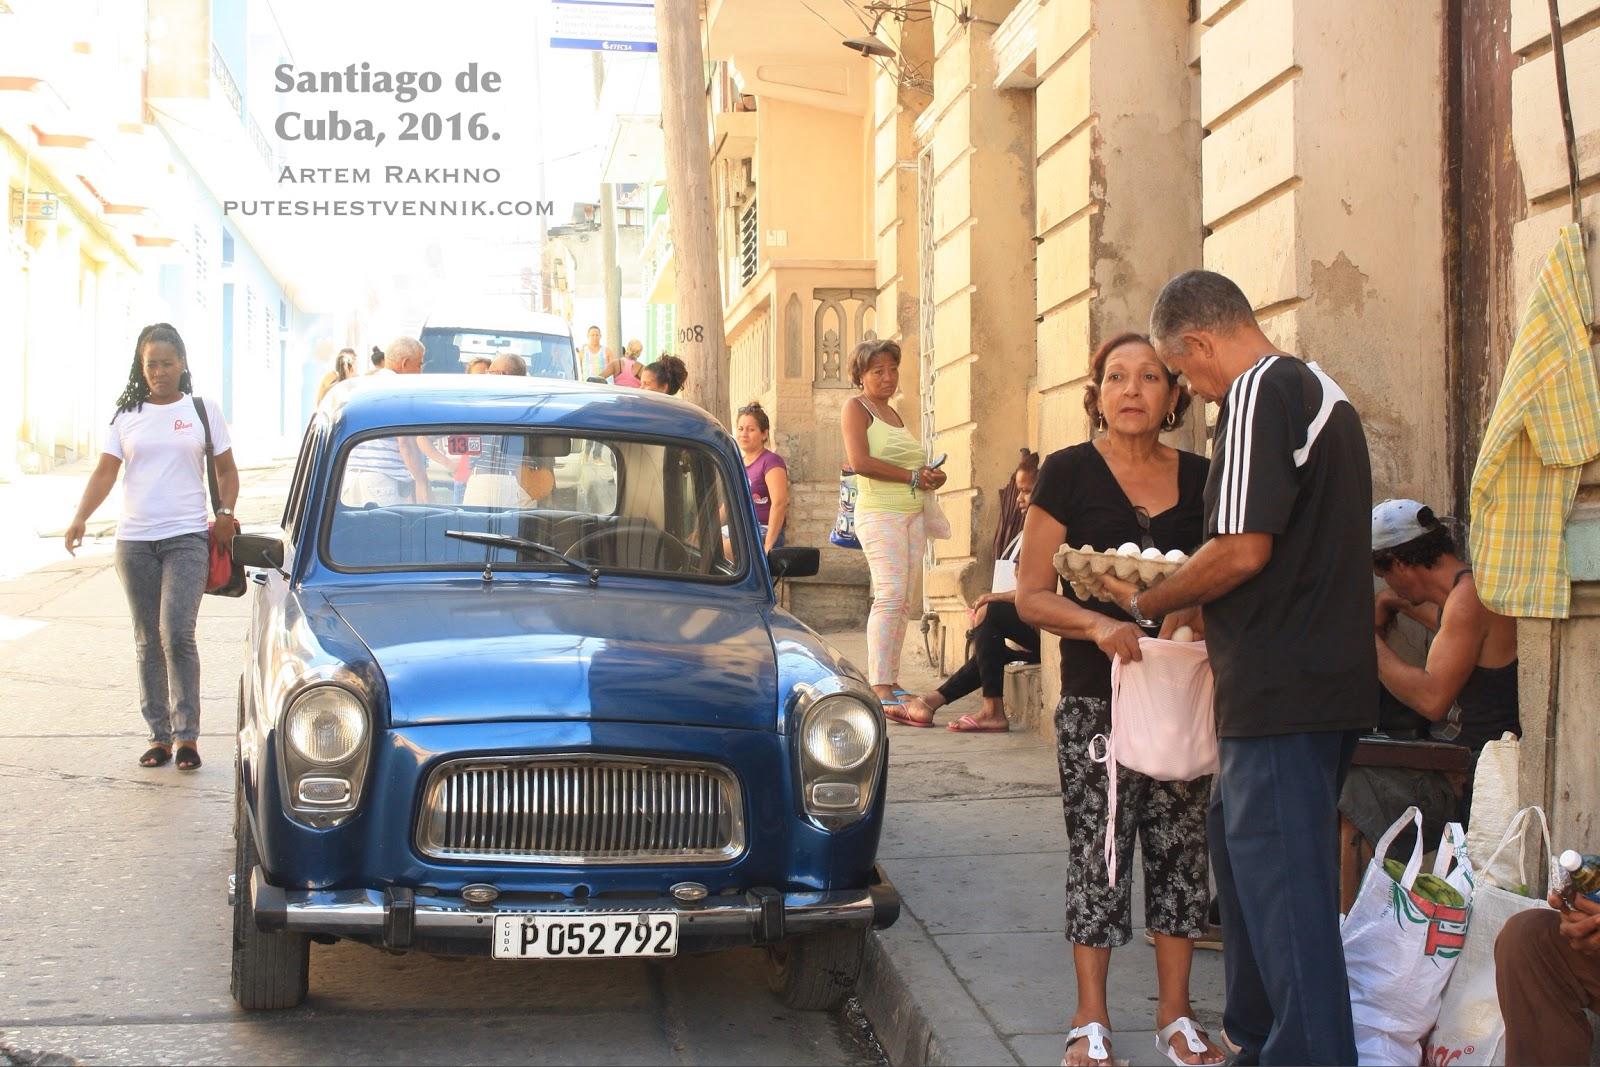 Разговор на улице в Сантьяго-де-Куба